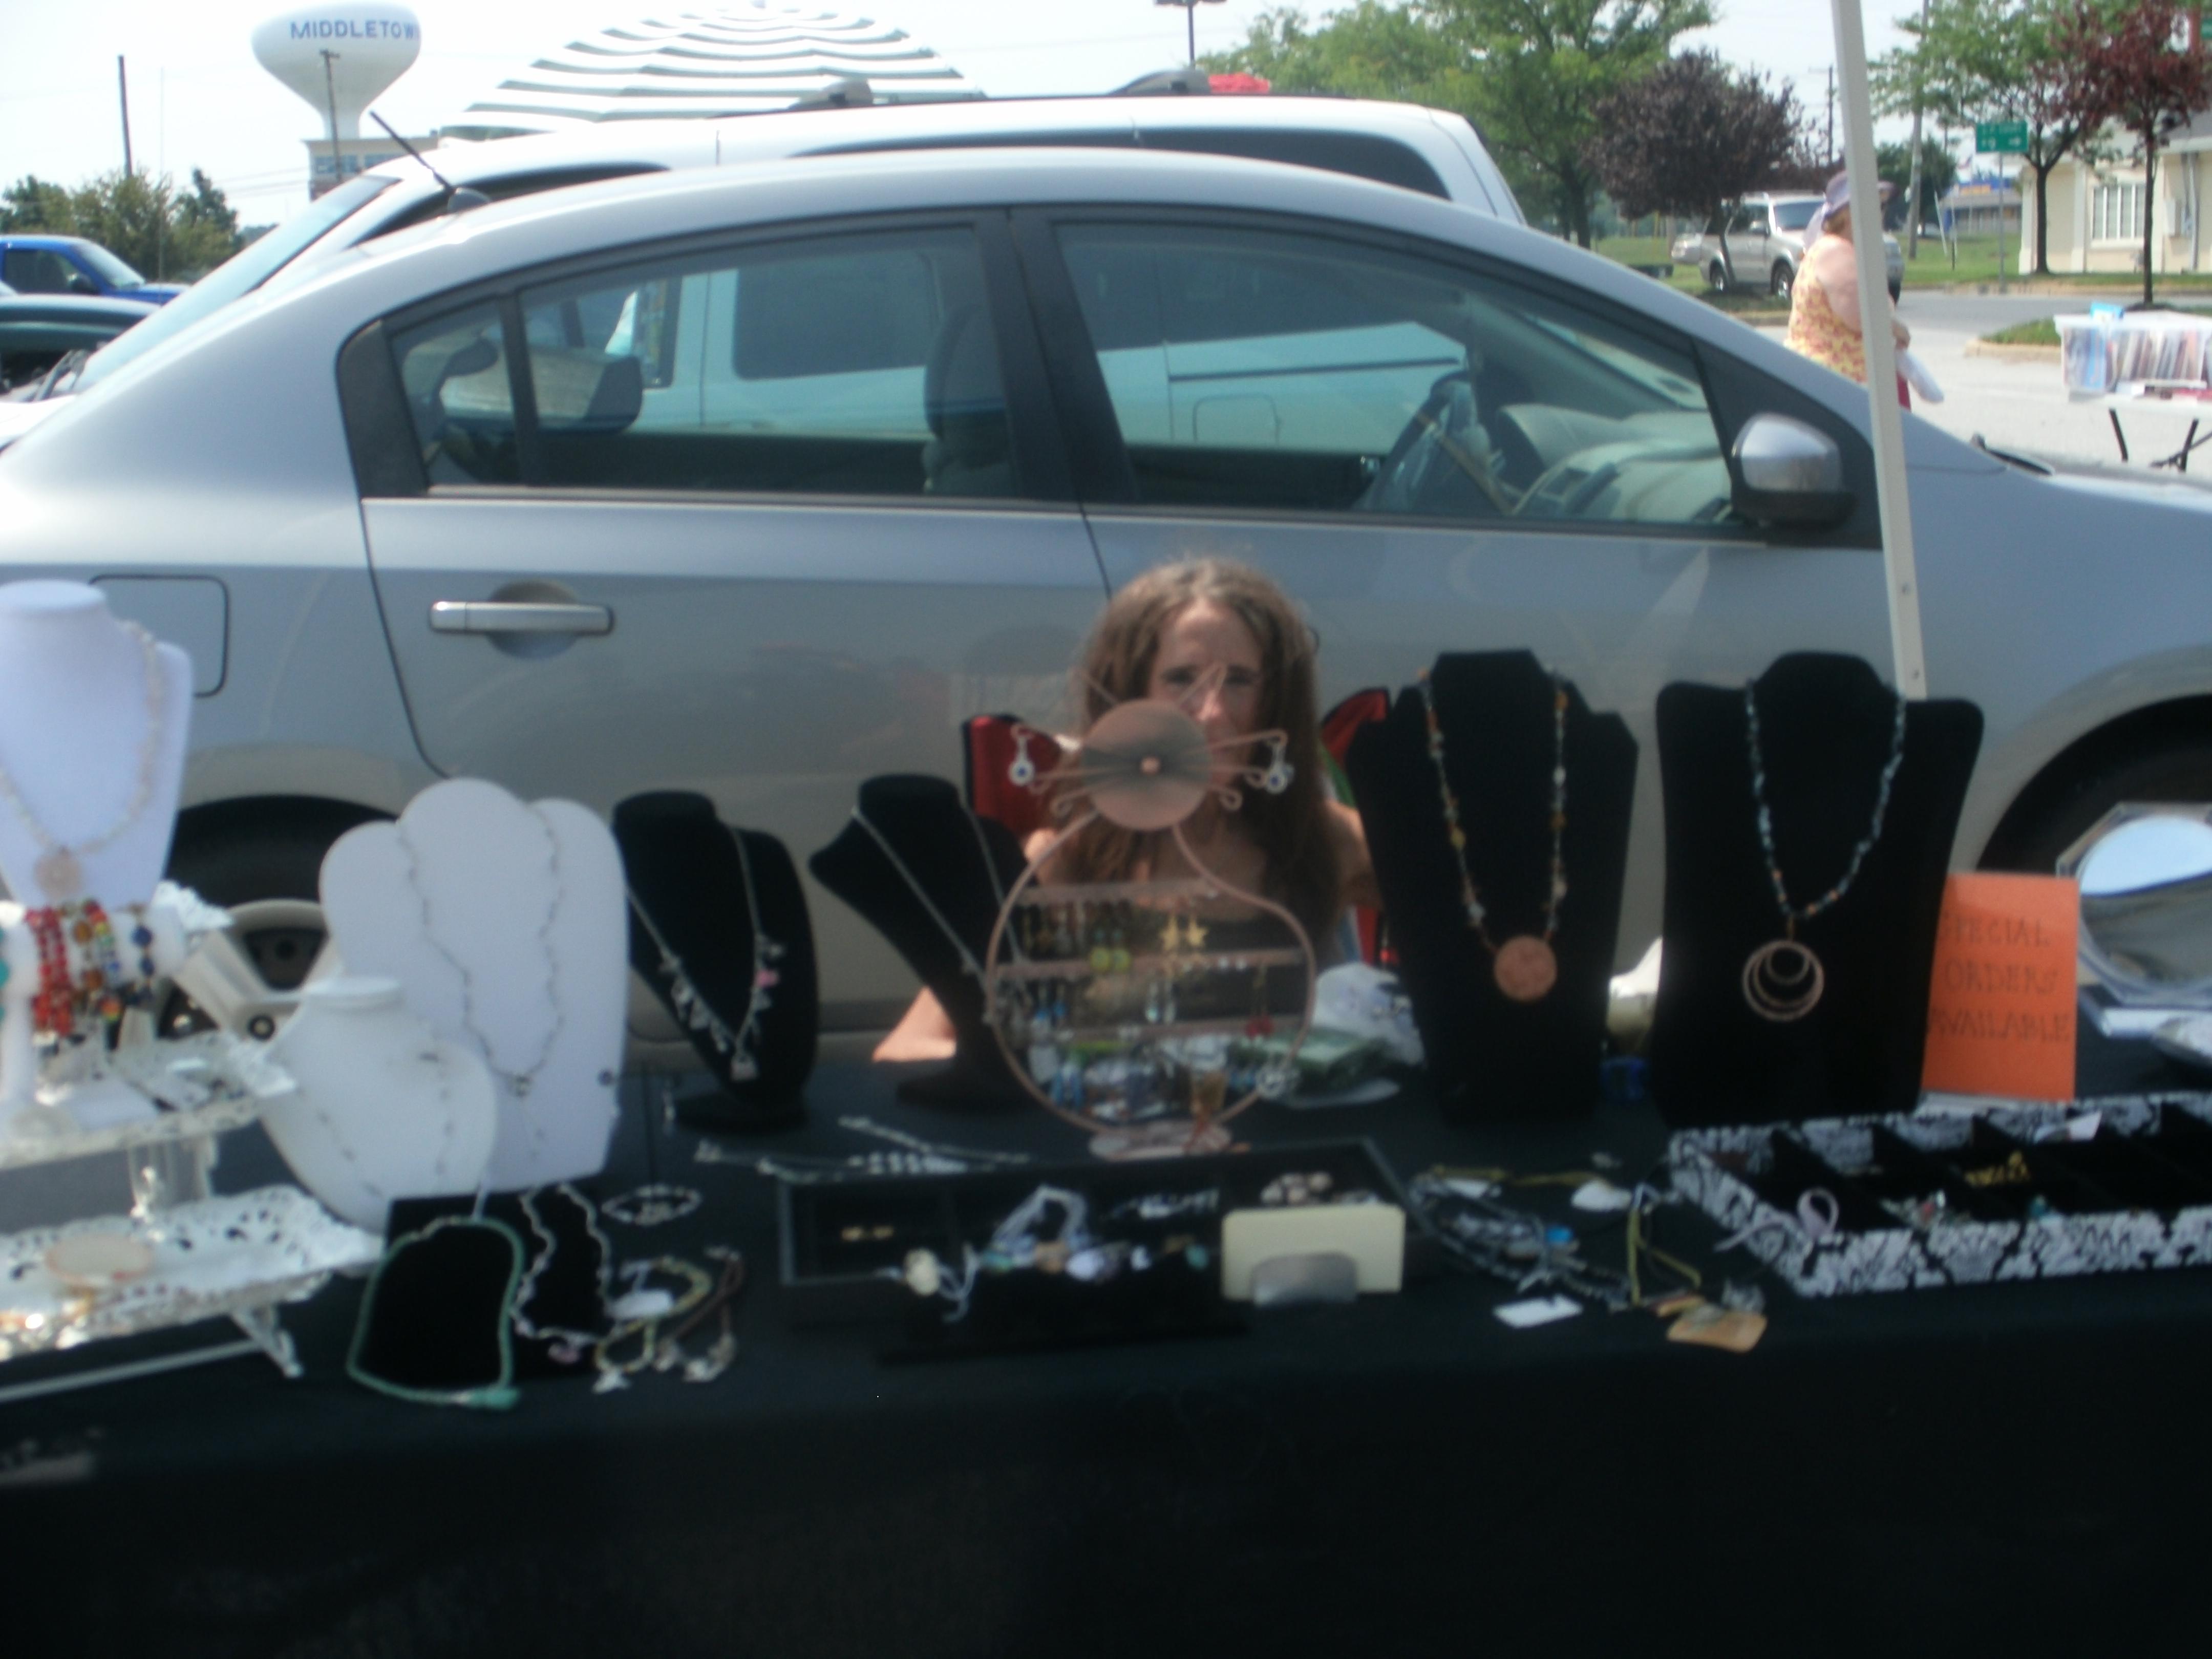 2012 09 Chris Spurka vendor at Dutch in Middletown.JPG